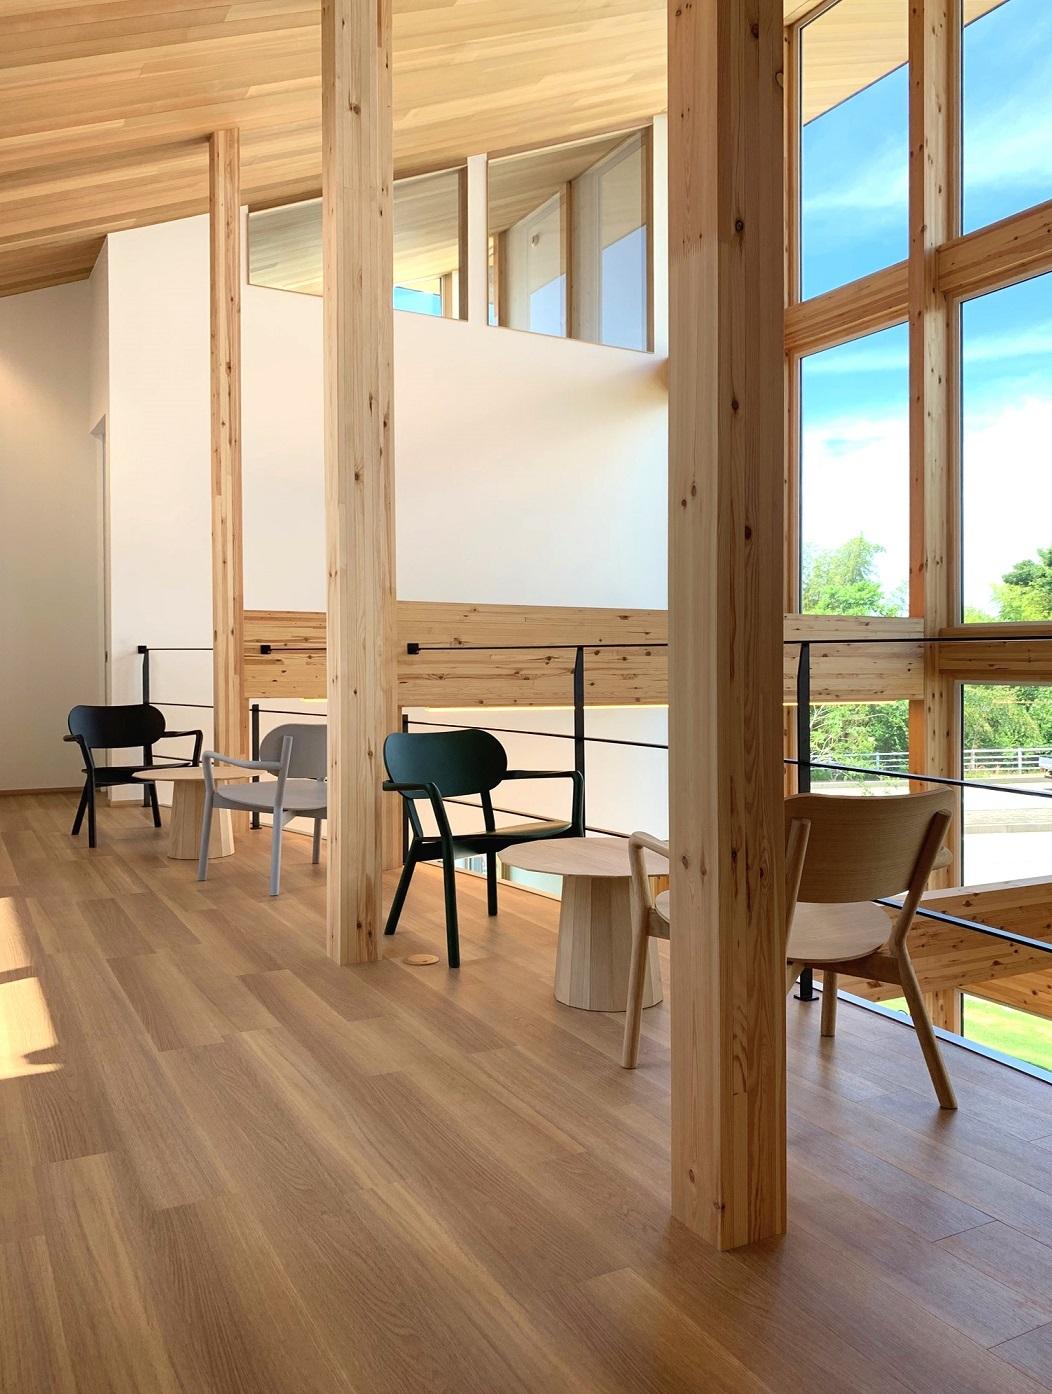 野島建設様 新事務所への納品実例 カリモクニュースタンダード_d0224984_16073776.jpg